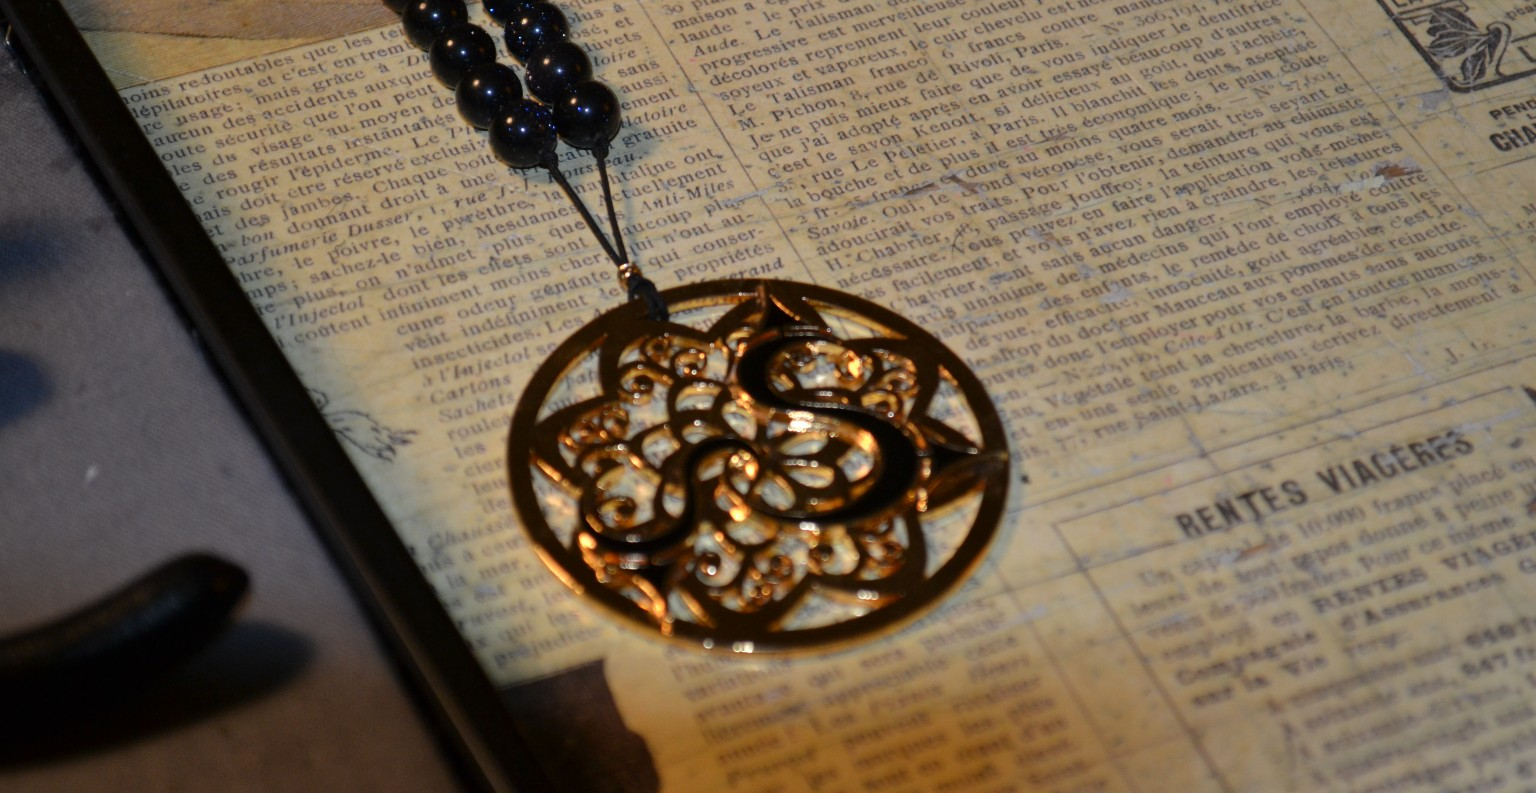 Modèle de sautoir de la collection de bijoux fantaisie Soltan.D ©MD